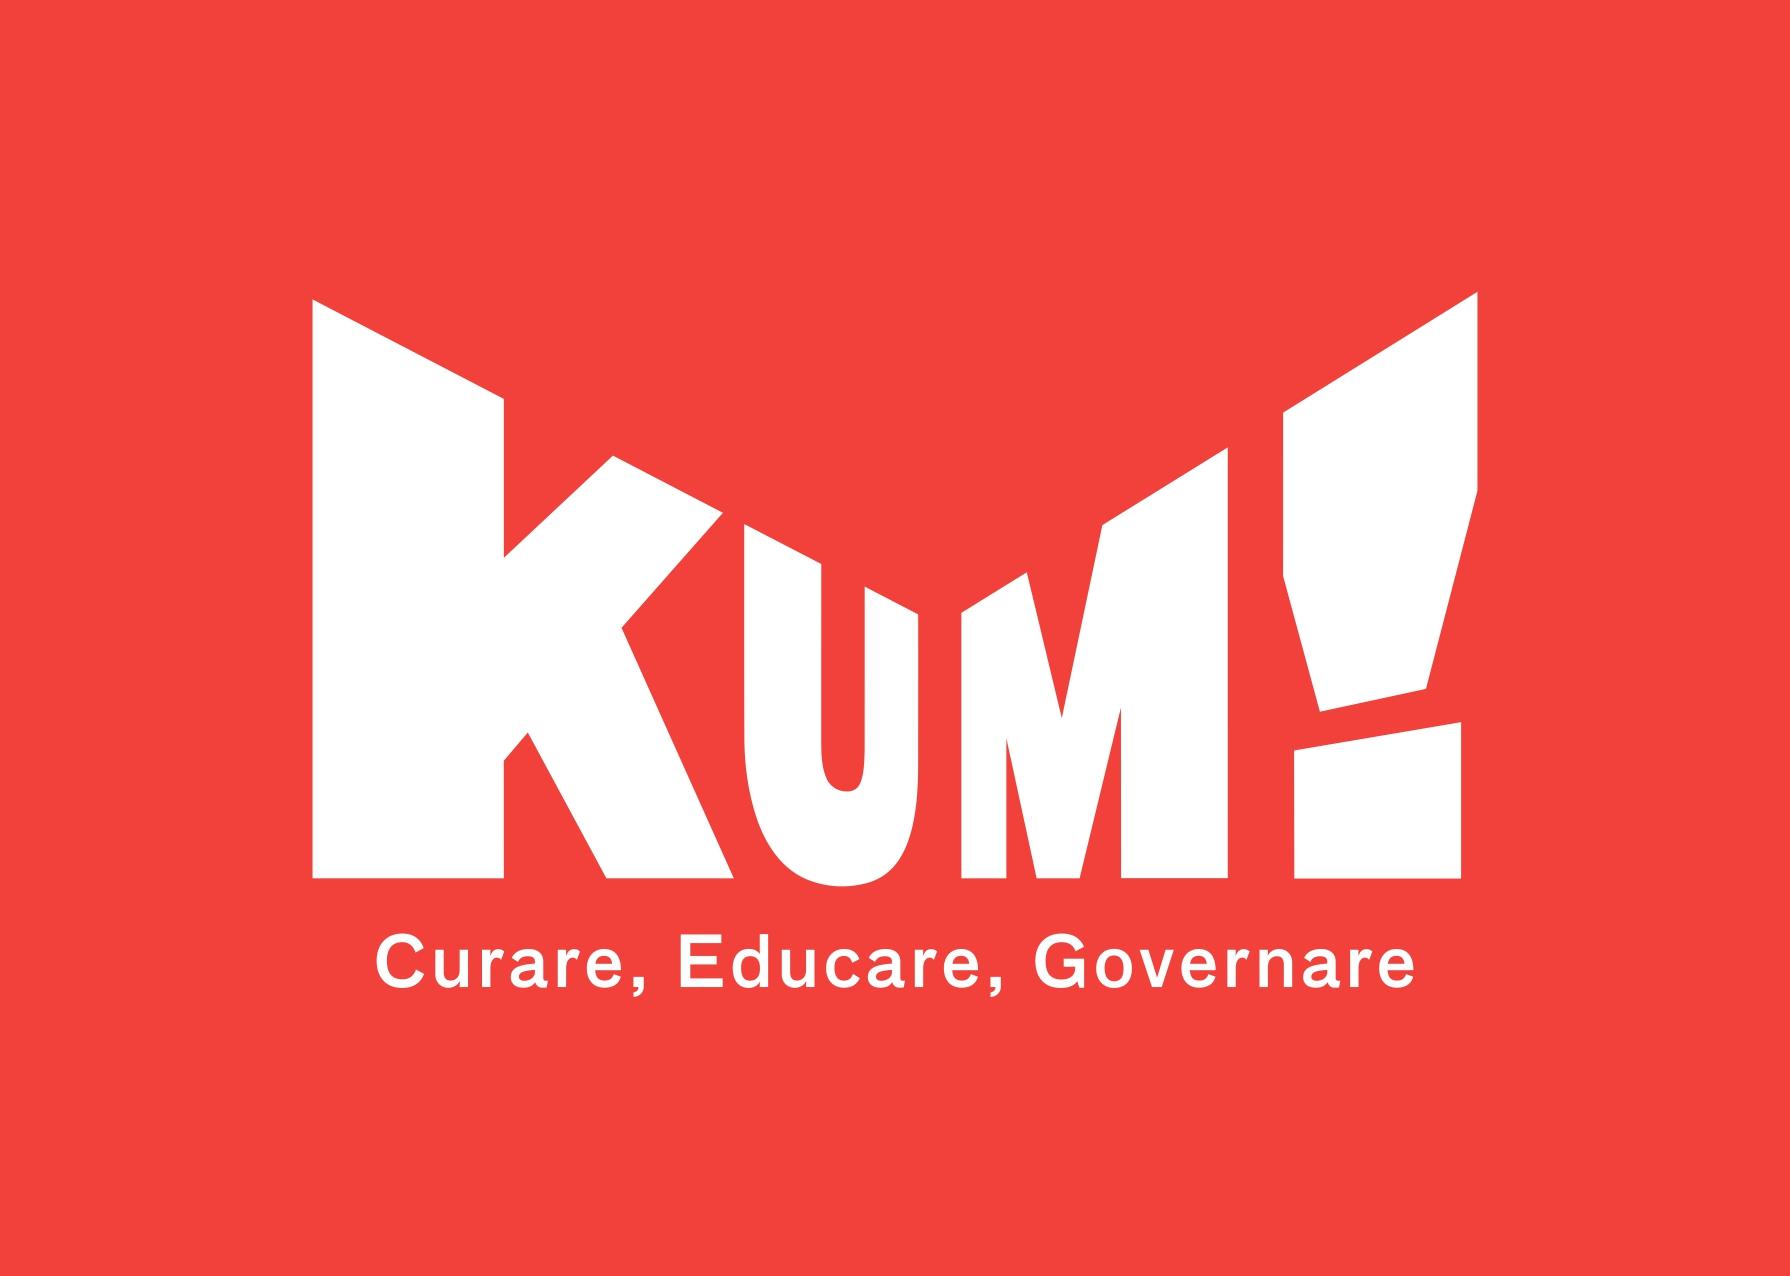 KUM! Festival